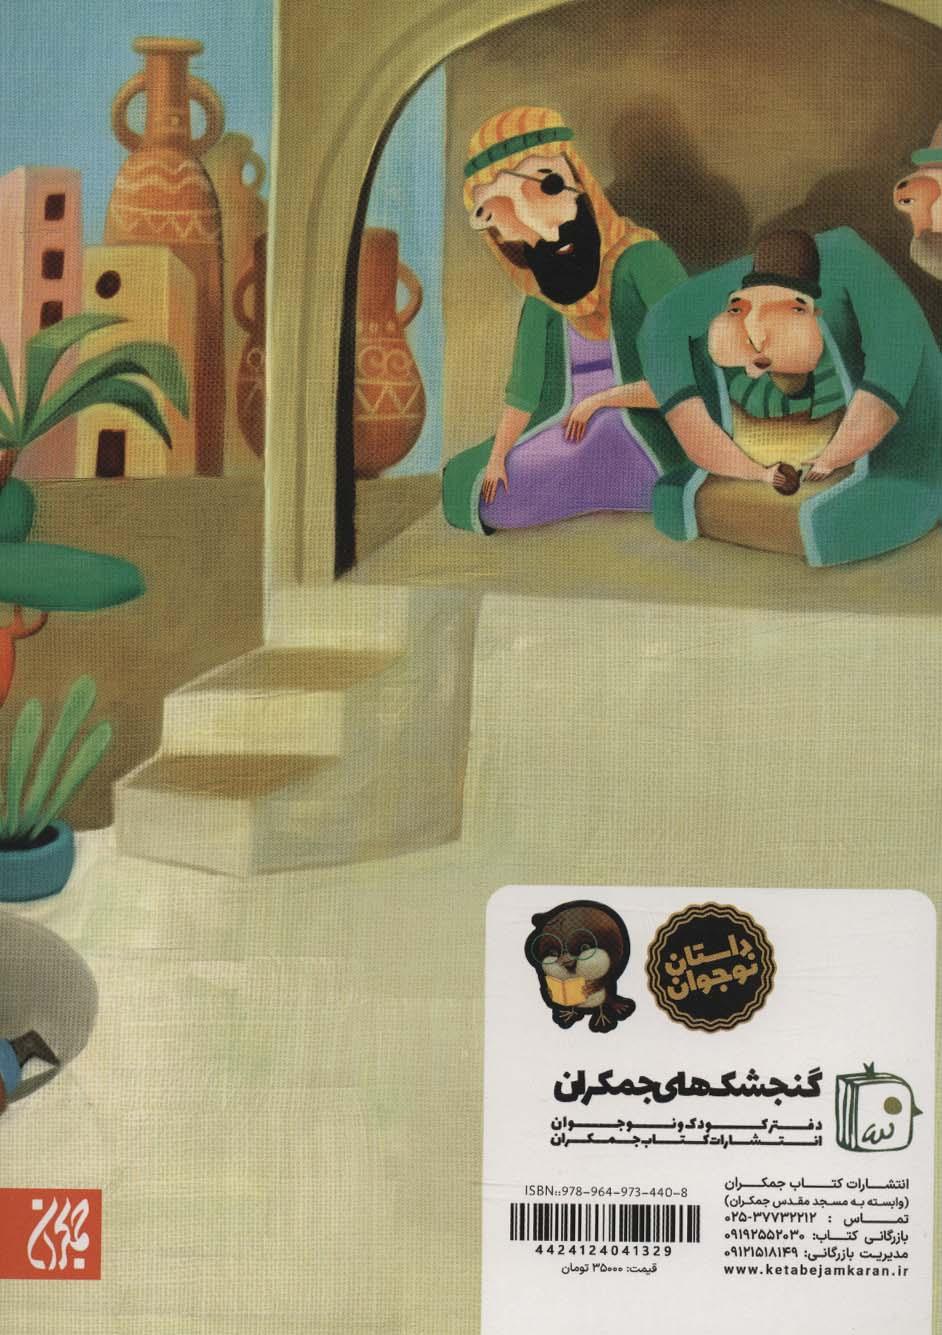 داستان هایی از زندگی امام سجاد (ع)،(مژده گل)،(گلاسه)